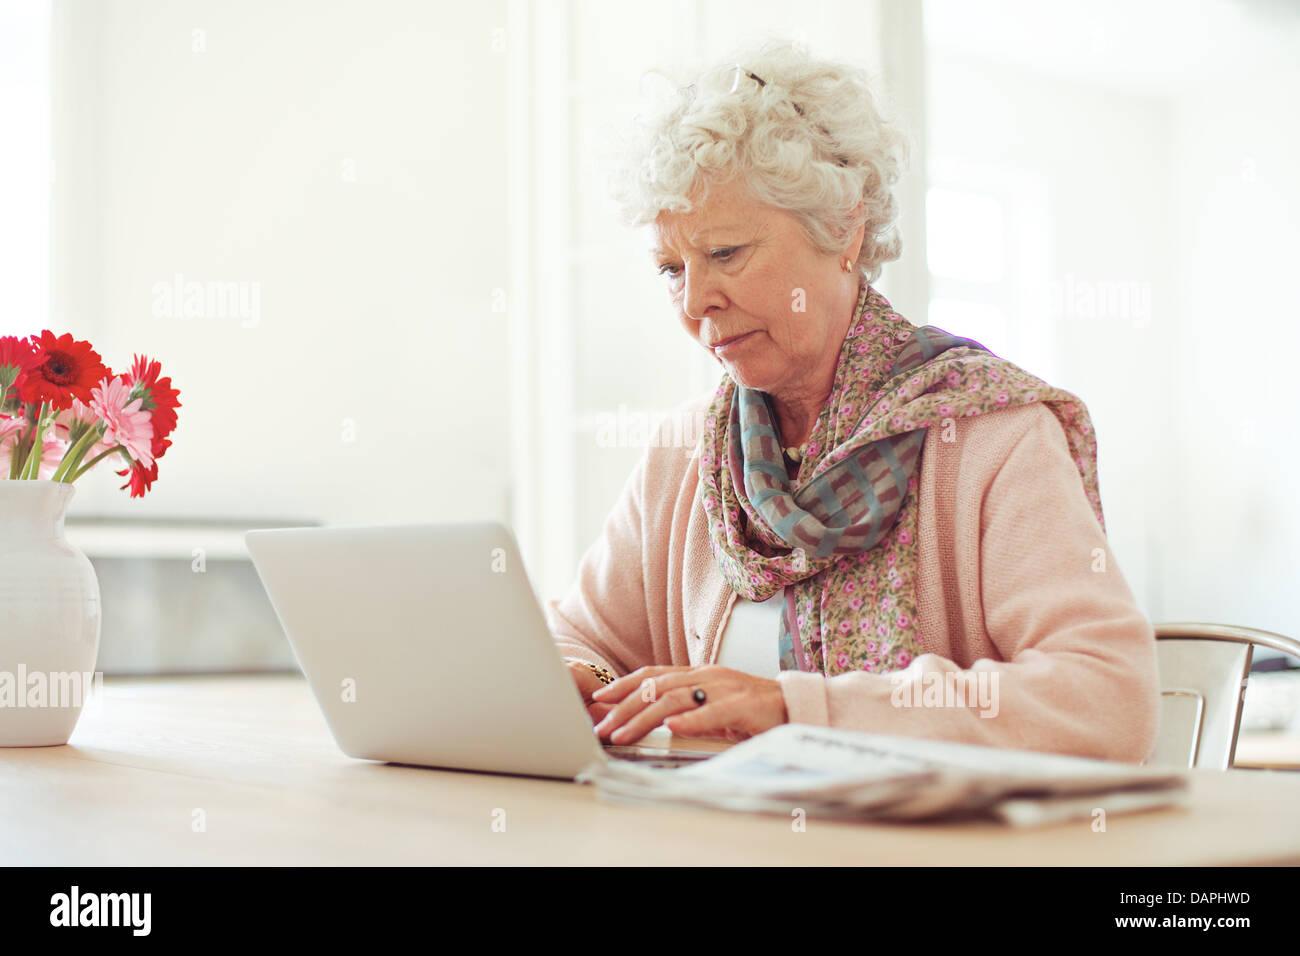 Ältere Frau zu Hause Eingabe etwas mit ihrem laptop Stockbild